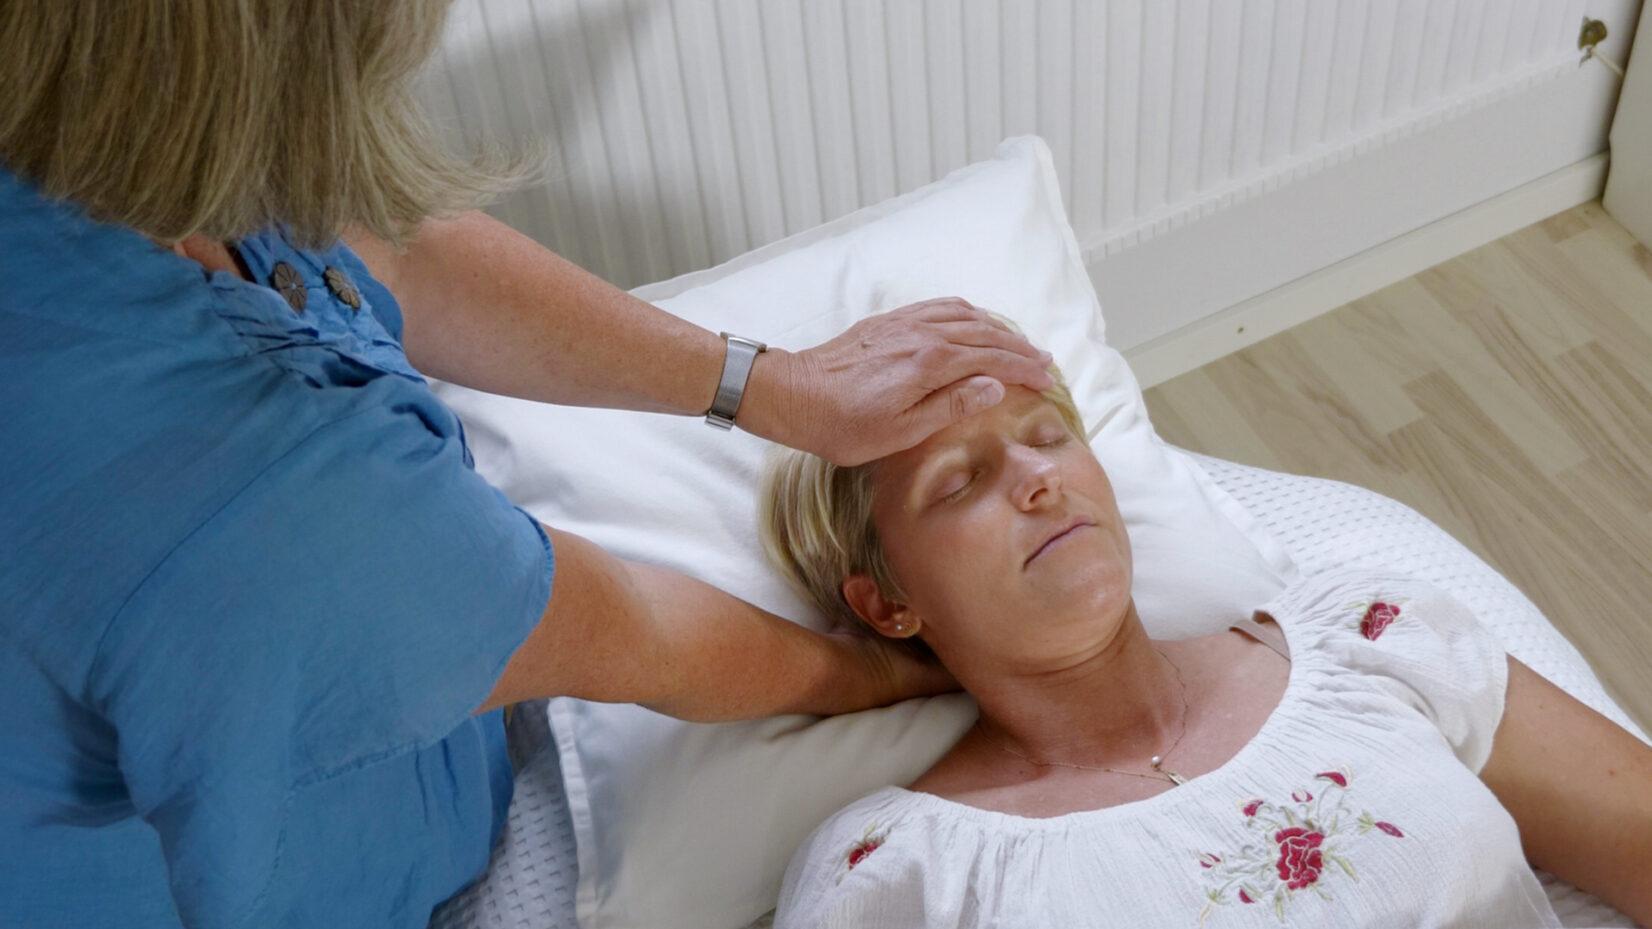 Kvinde ligger med hovedet på puden og får stressfrigørelse ved berøring af pande og baghoved